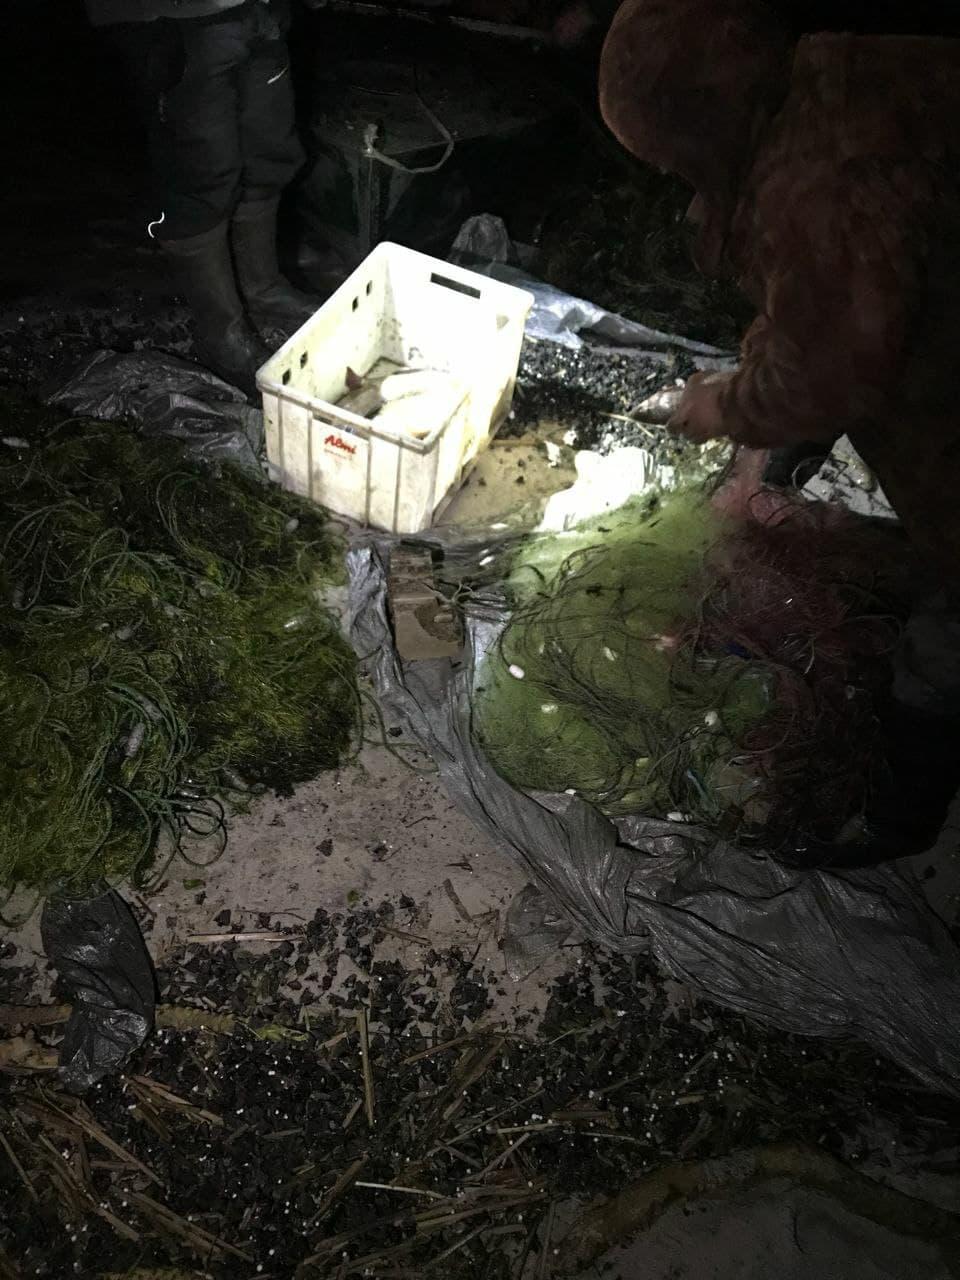 Бориспільщина: чоловік залишився без човна через риболовлю - Човен, рибалки - 140813215 2482068745434607 3803565245465911114 o